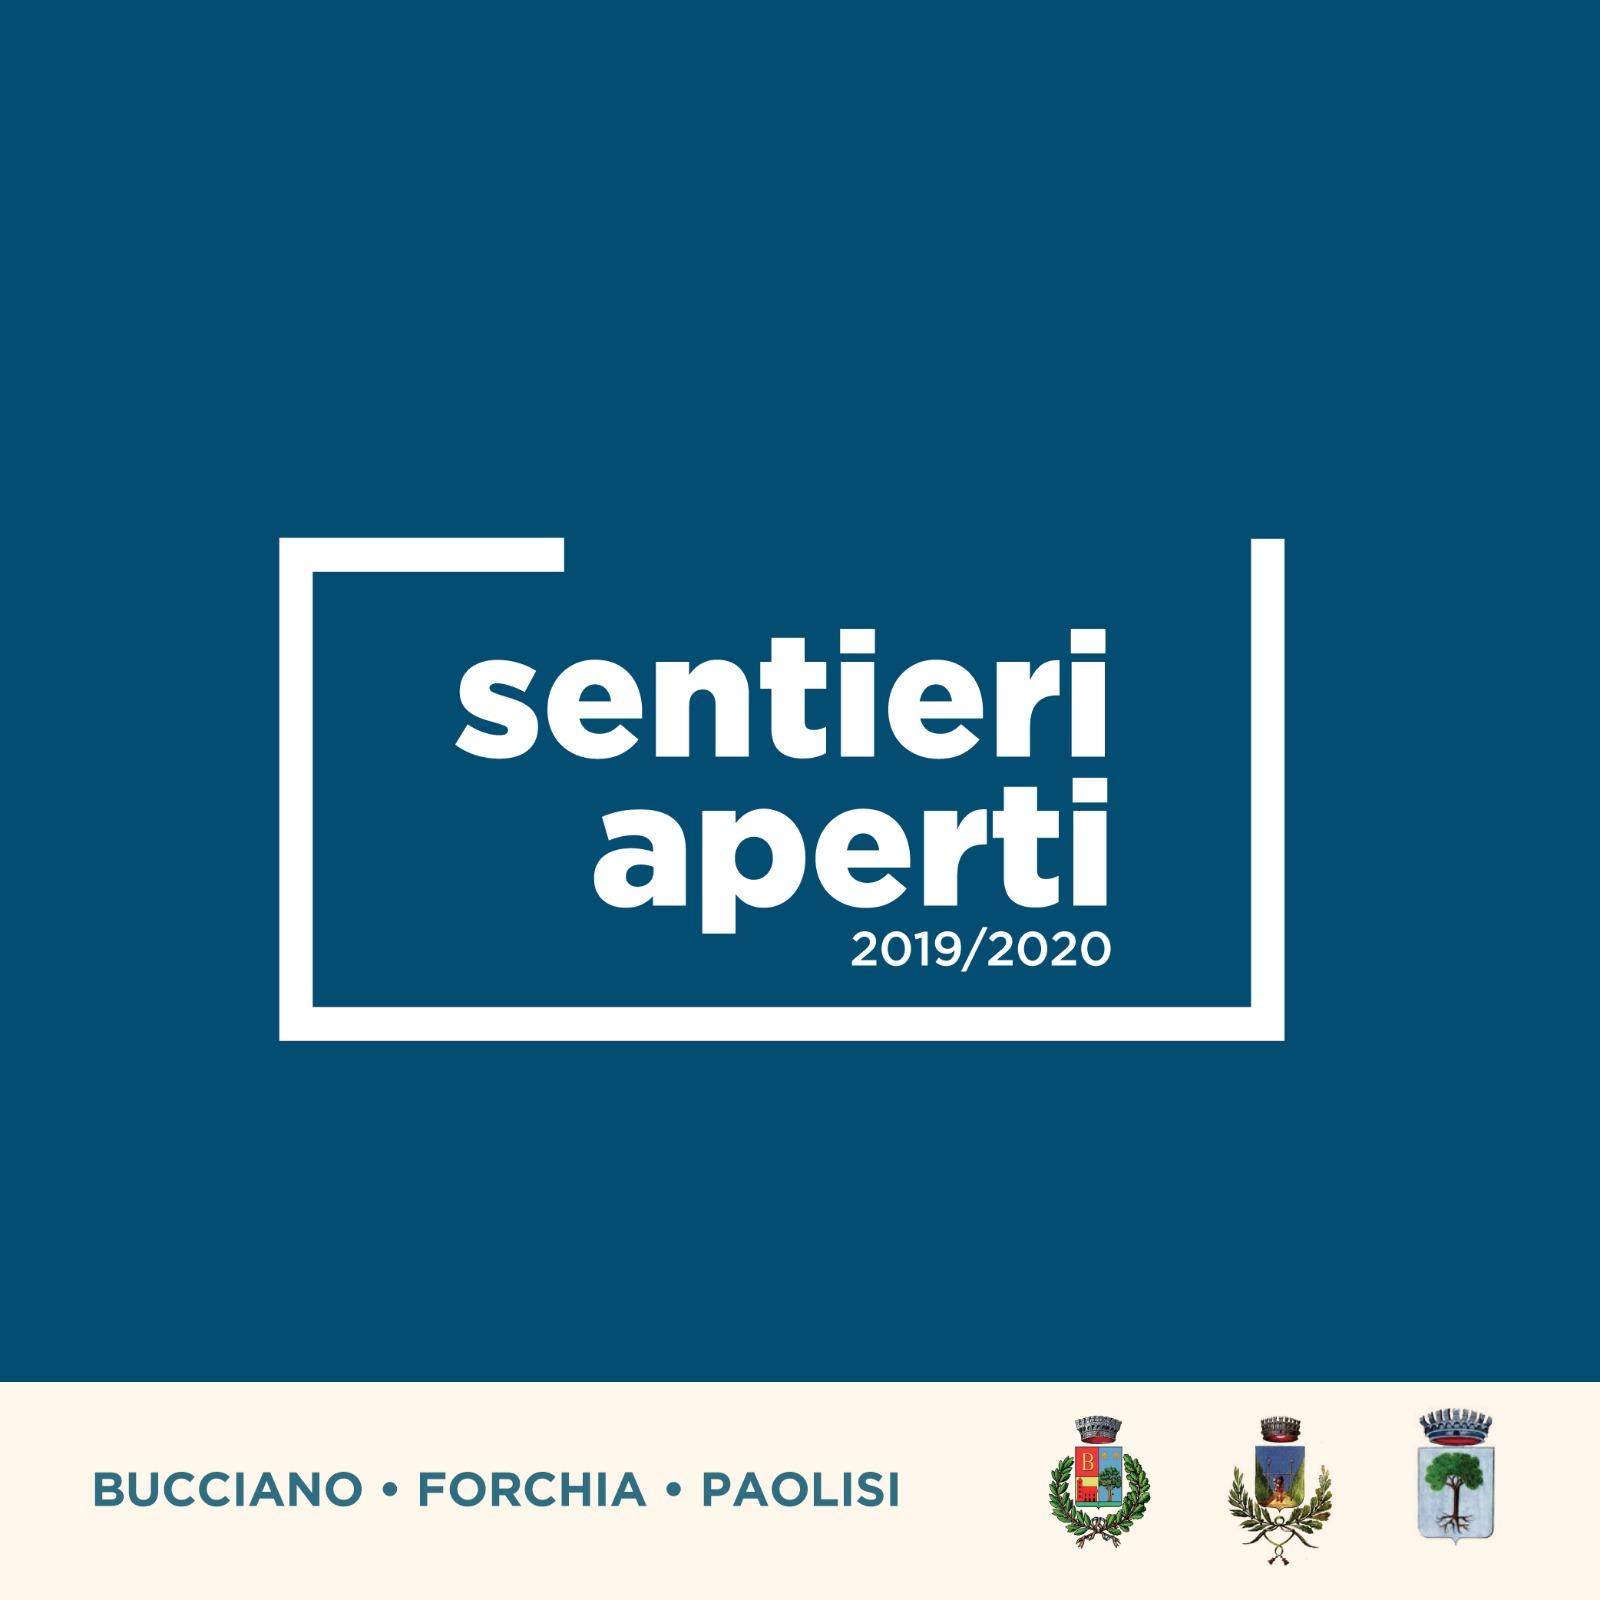 Sentieri aperti, al via la seconda edizione in sinergia tra i comuni di Bucciano, Forchia e Paolisi